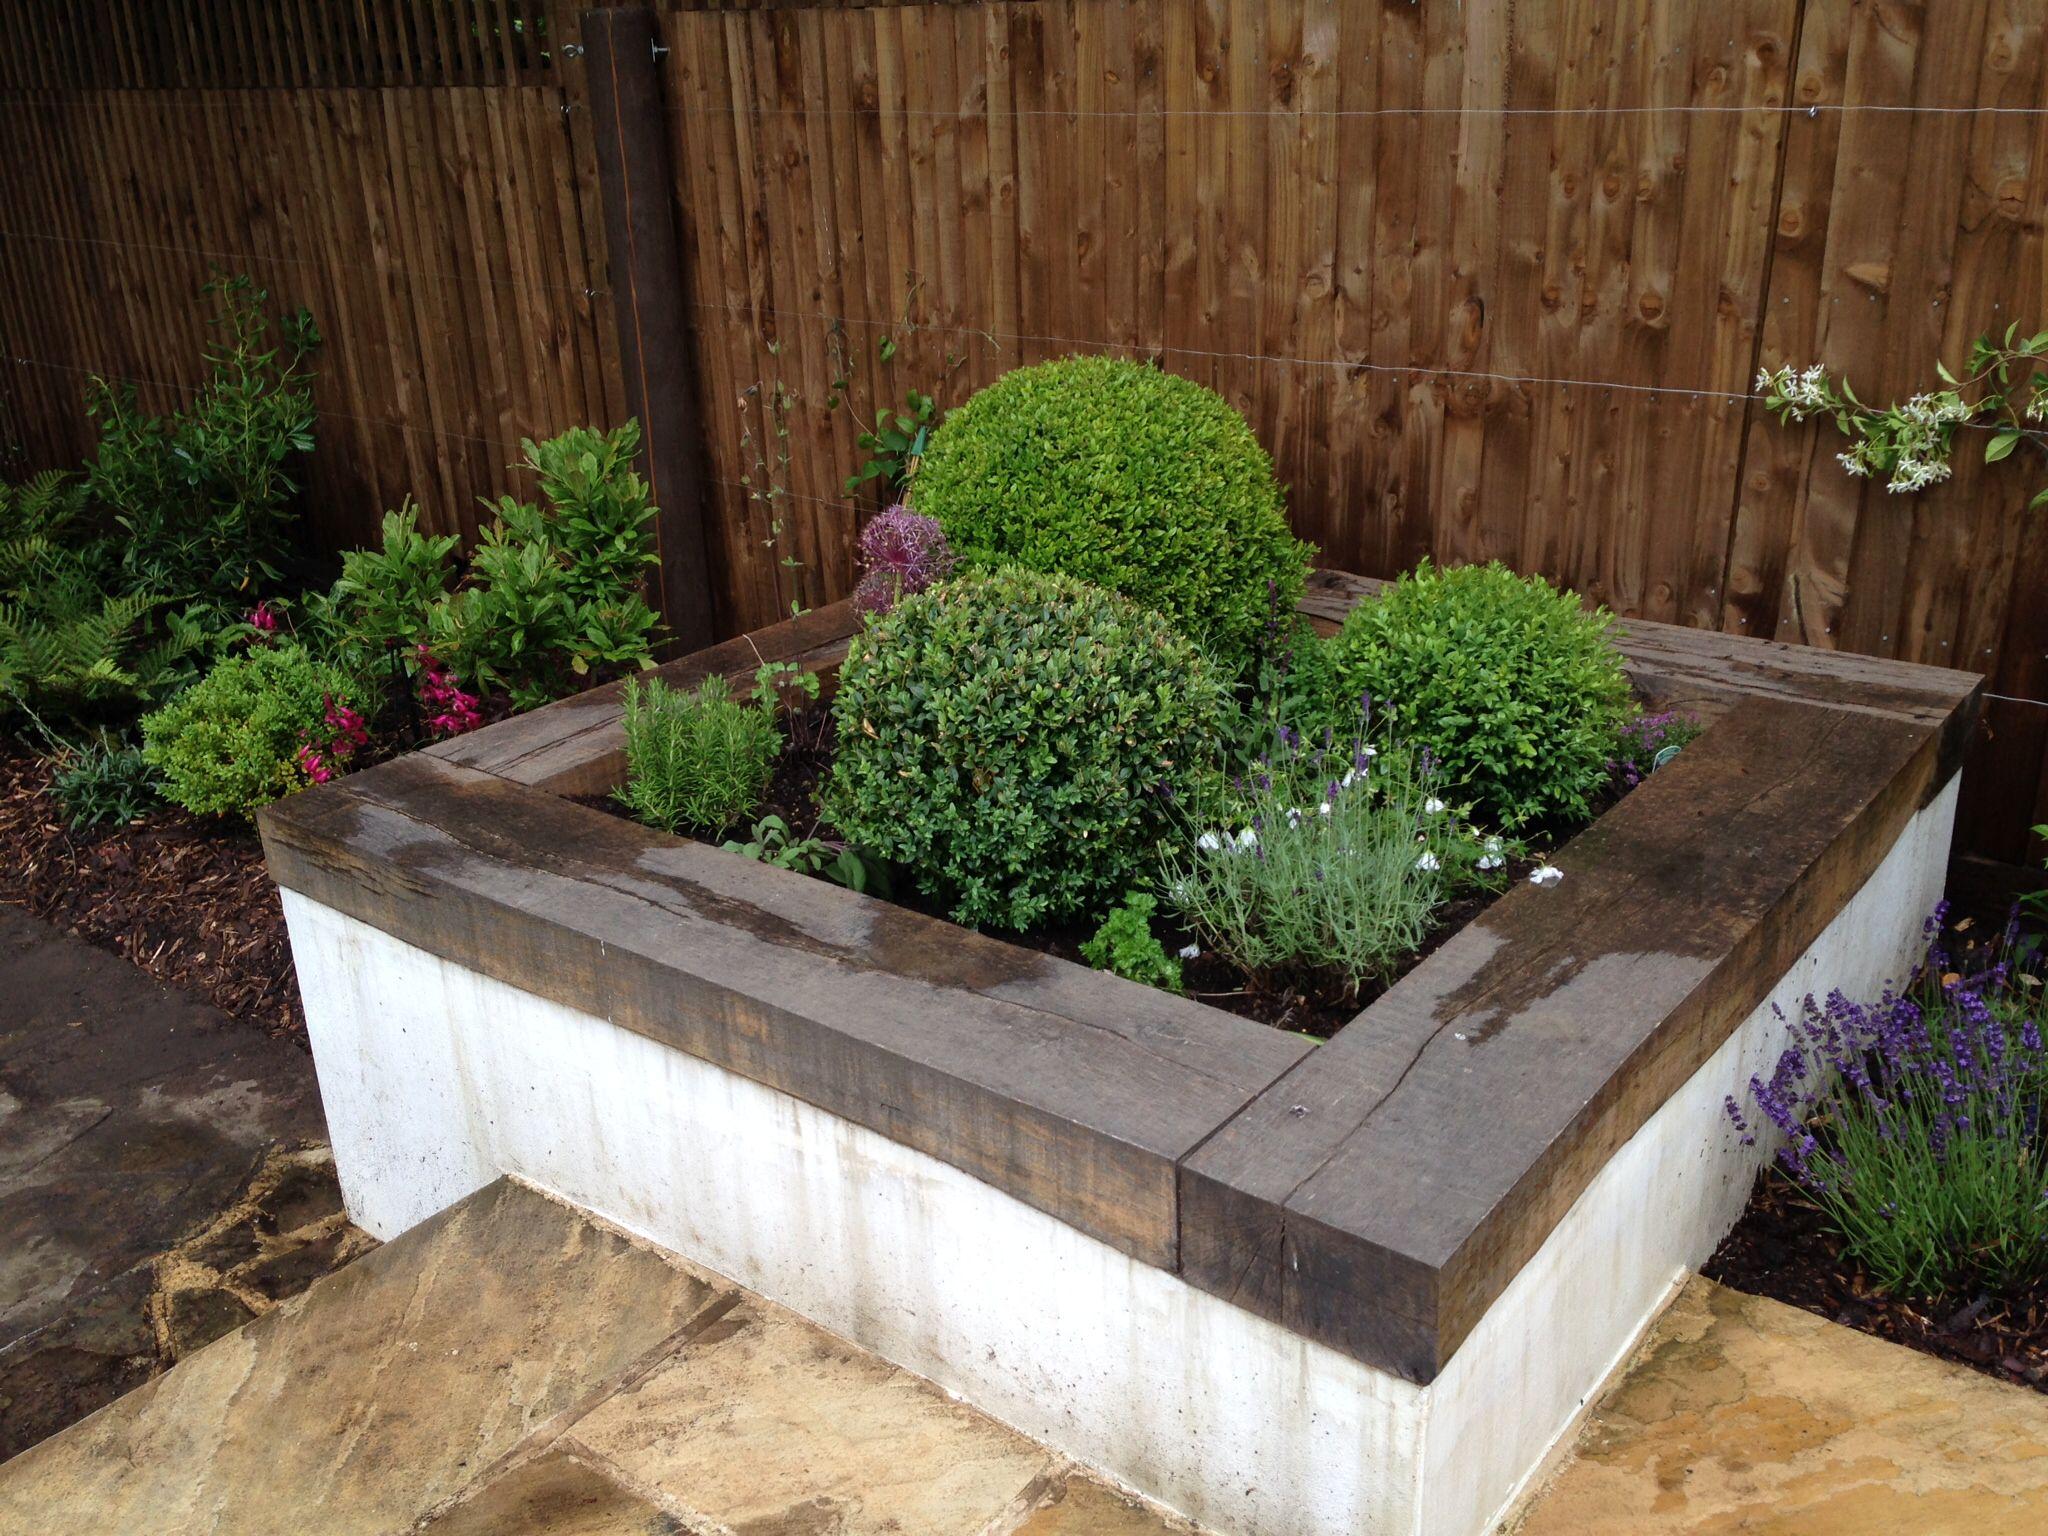 shelley hugh jones garden design raised bed with sleepers